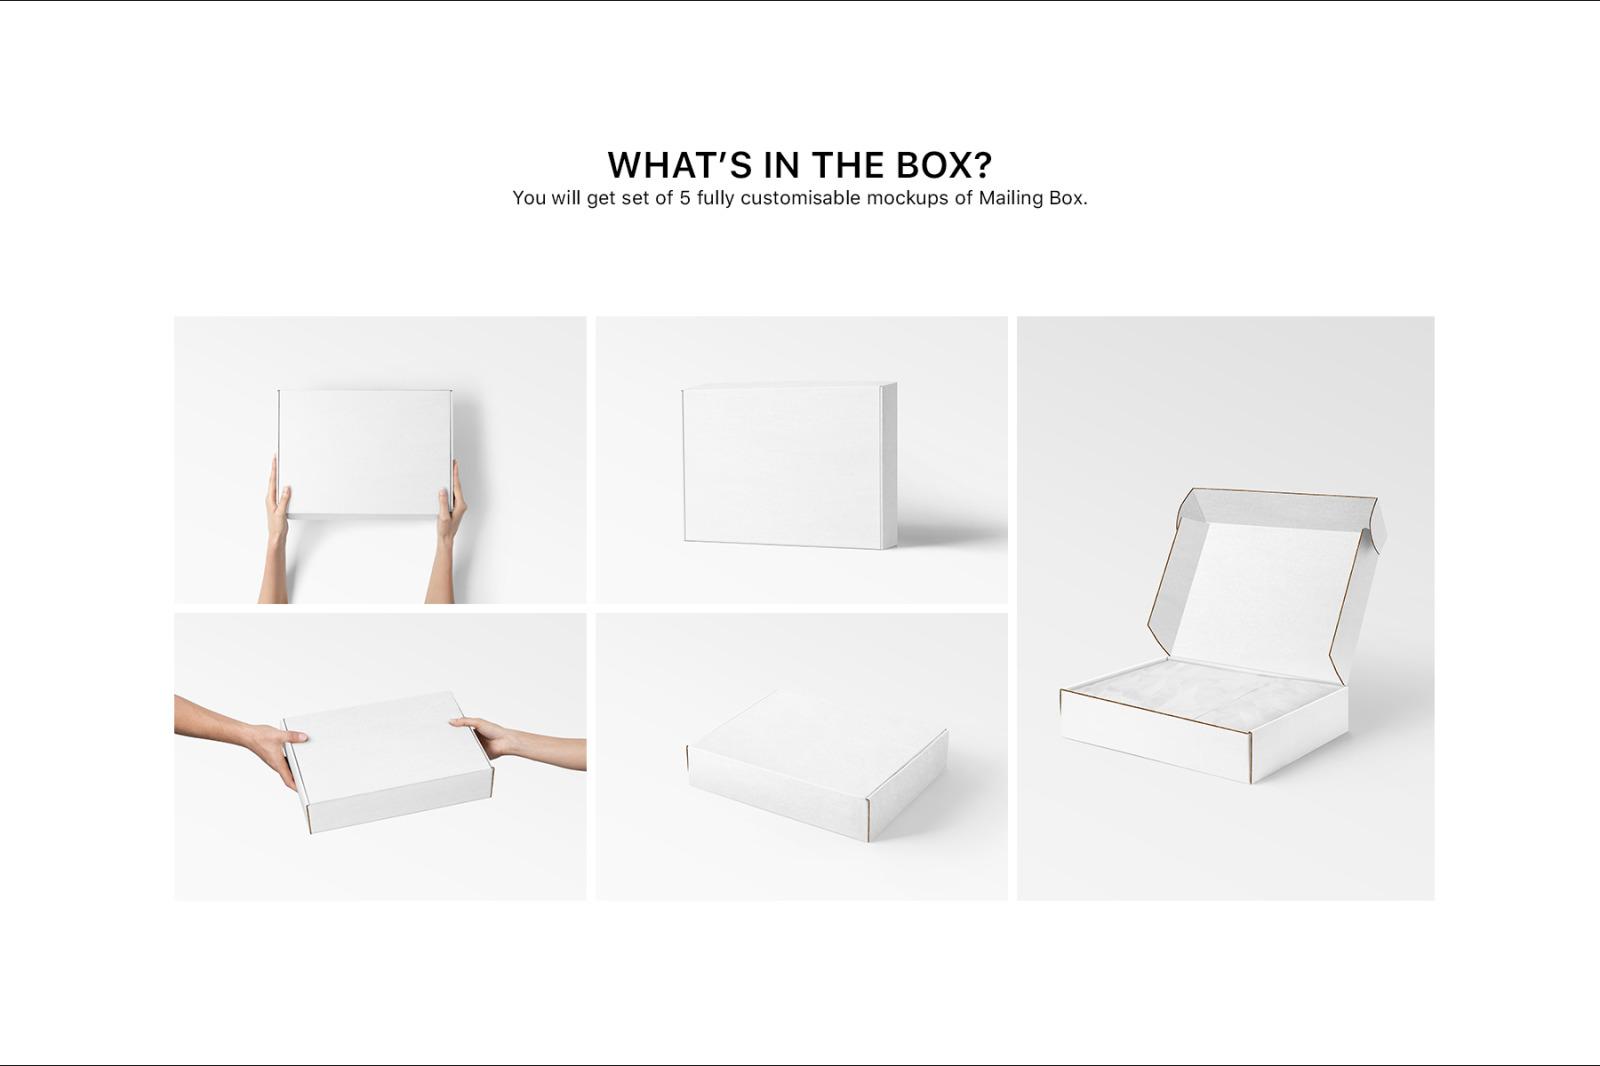 多角度快递包装纸盒外观设计展示样机 Mailing Box Mockups Set插图(12)